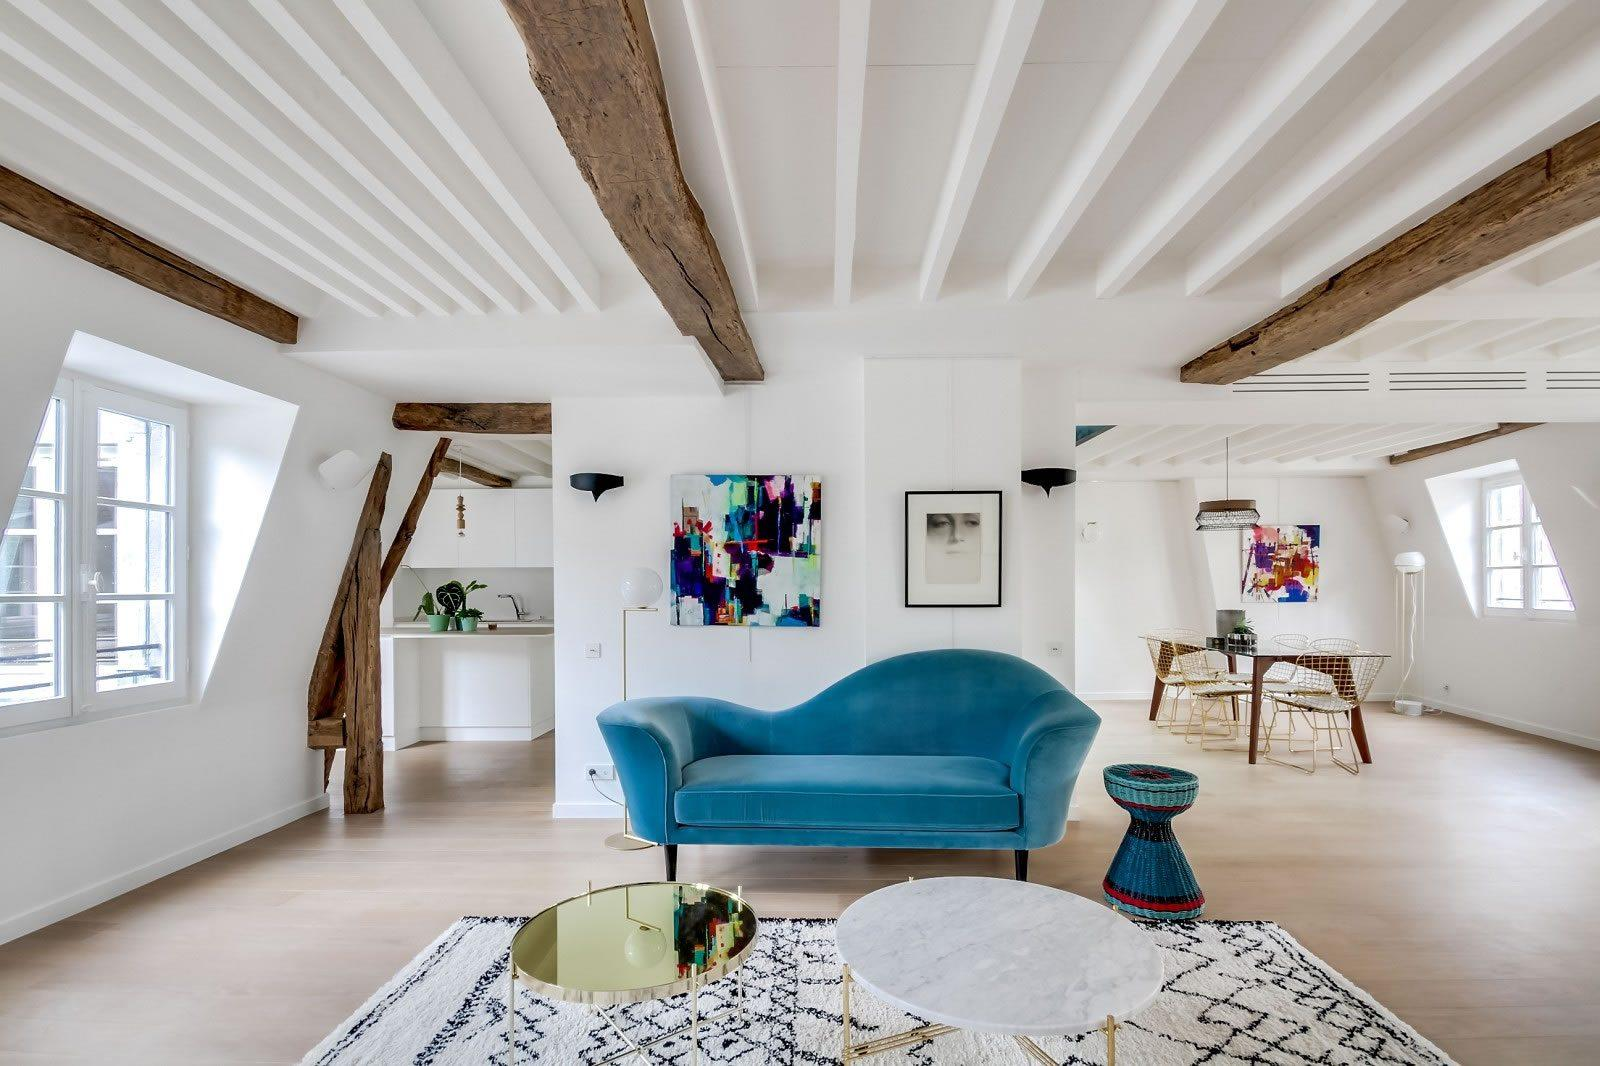 Magnifique duplex r nov vendre saint germain des pr s for Duplex appartement paris